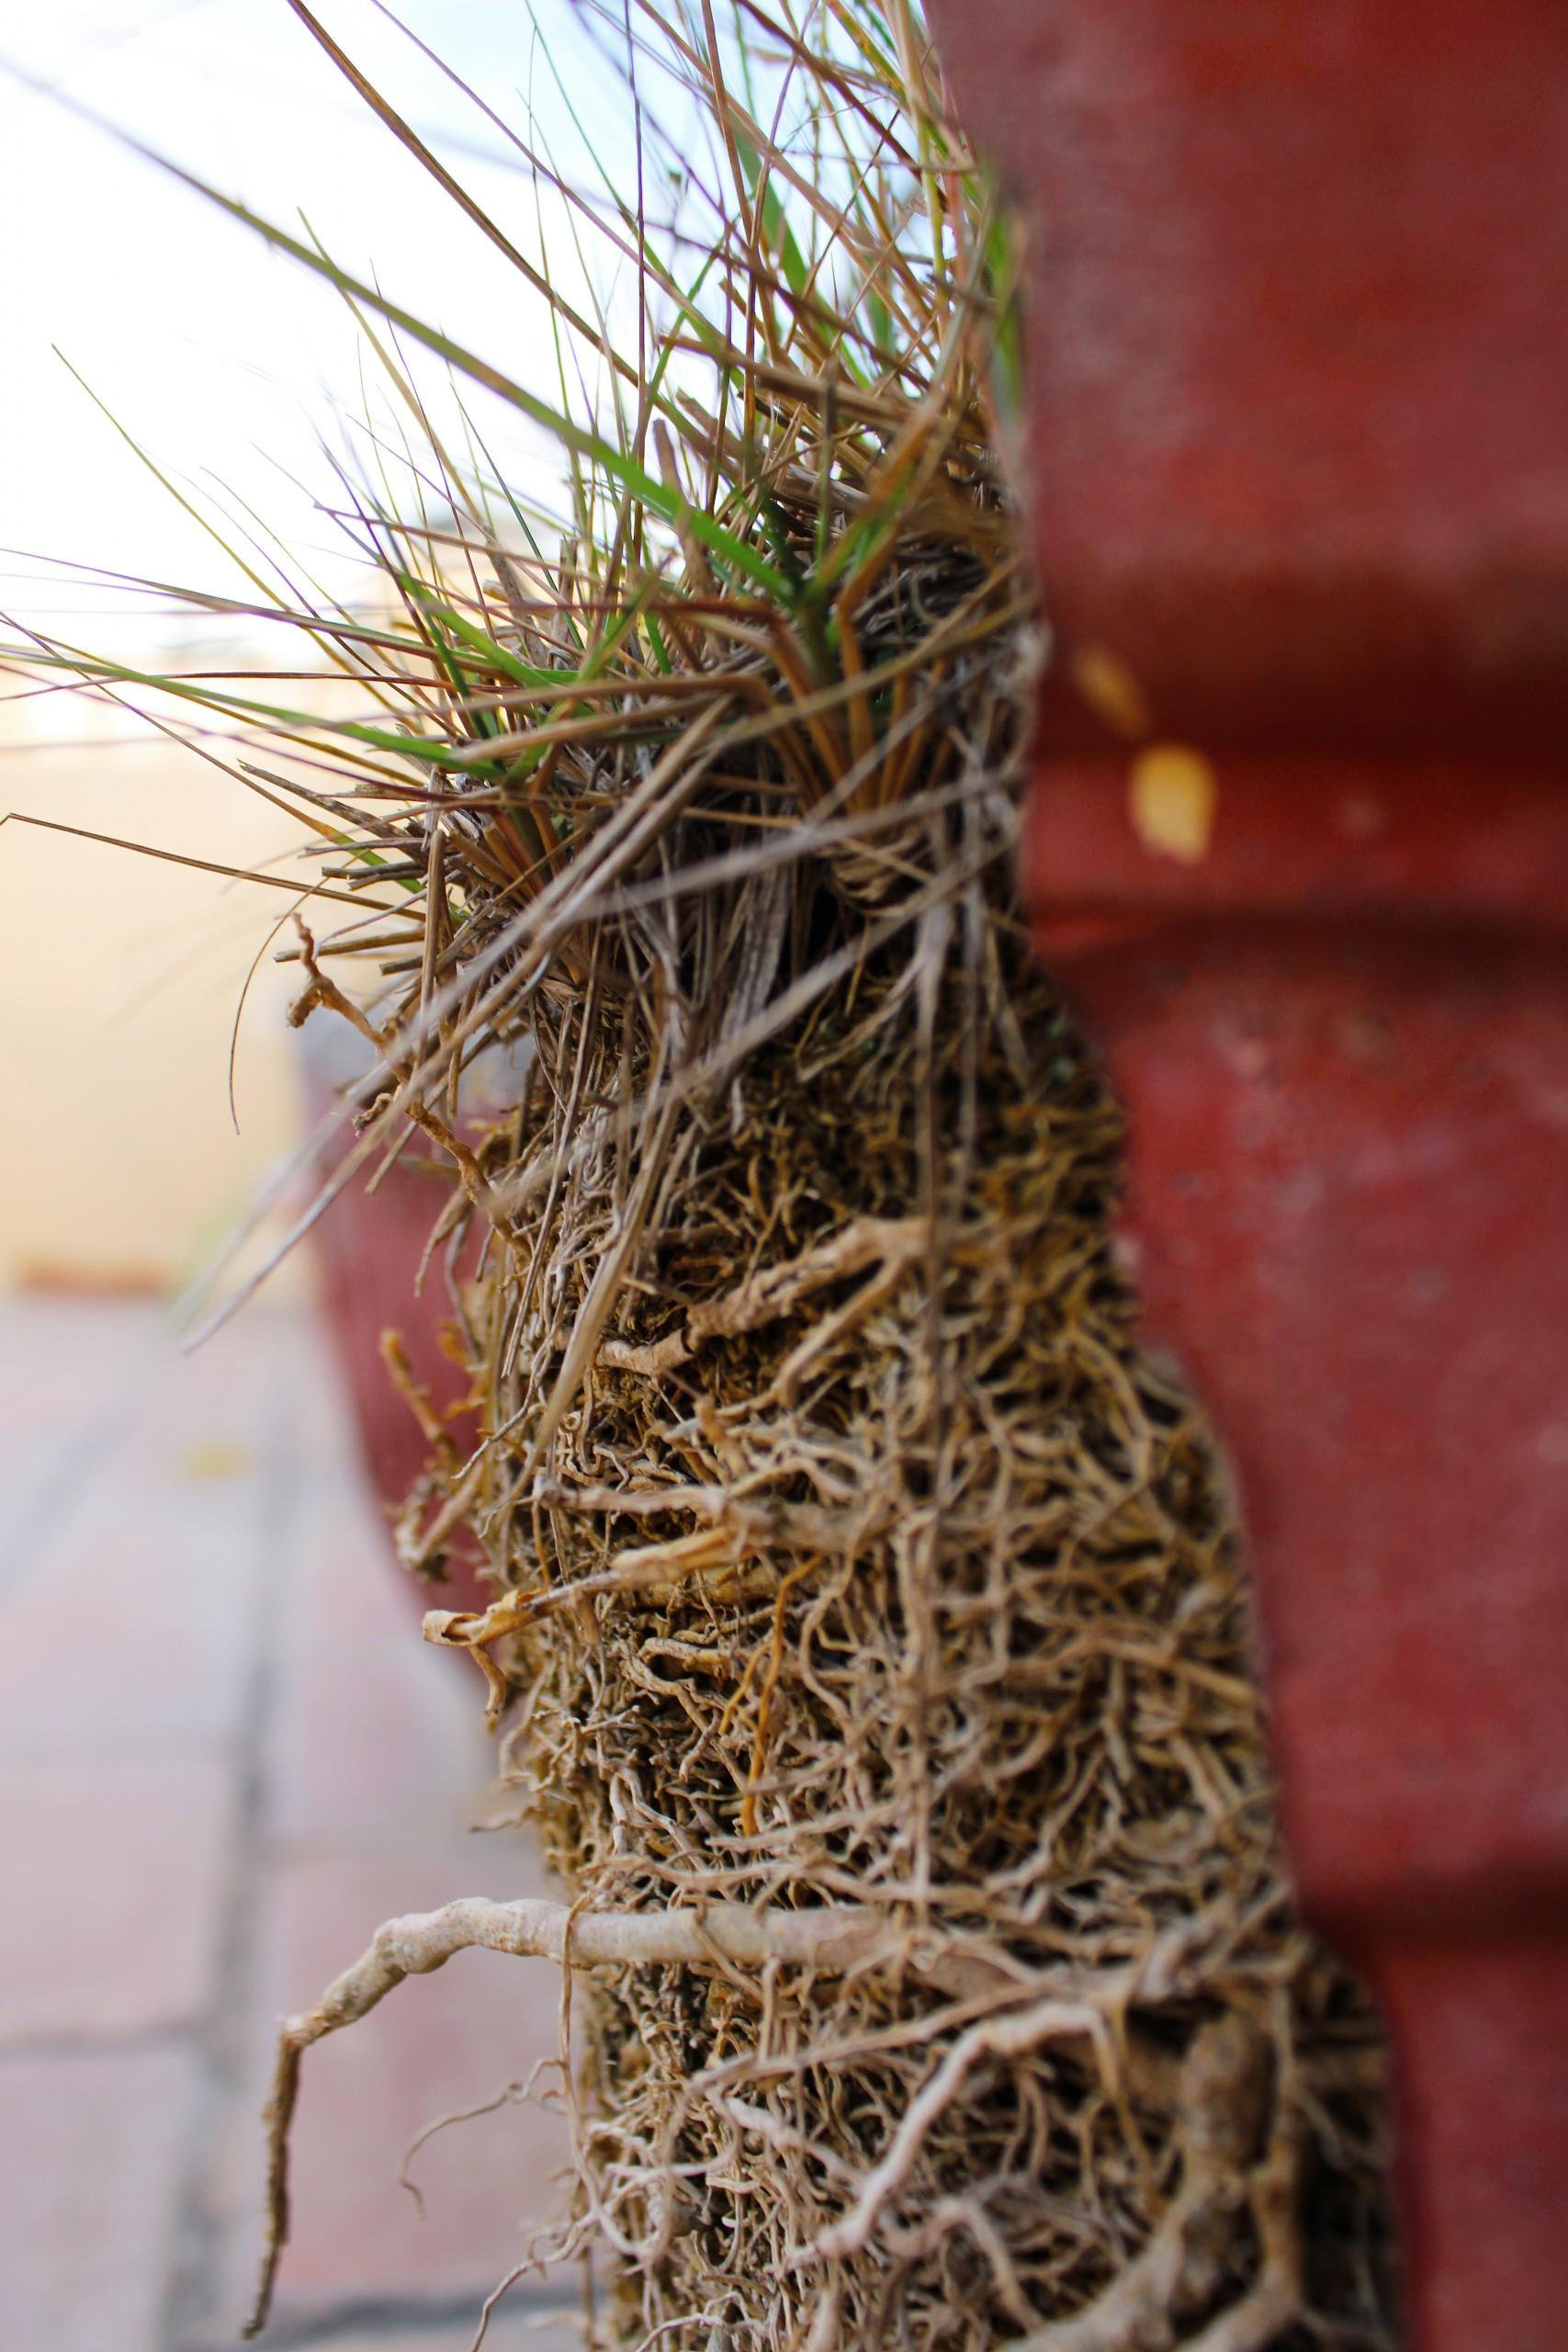 Close-up of a Broken pot